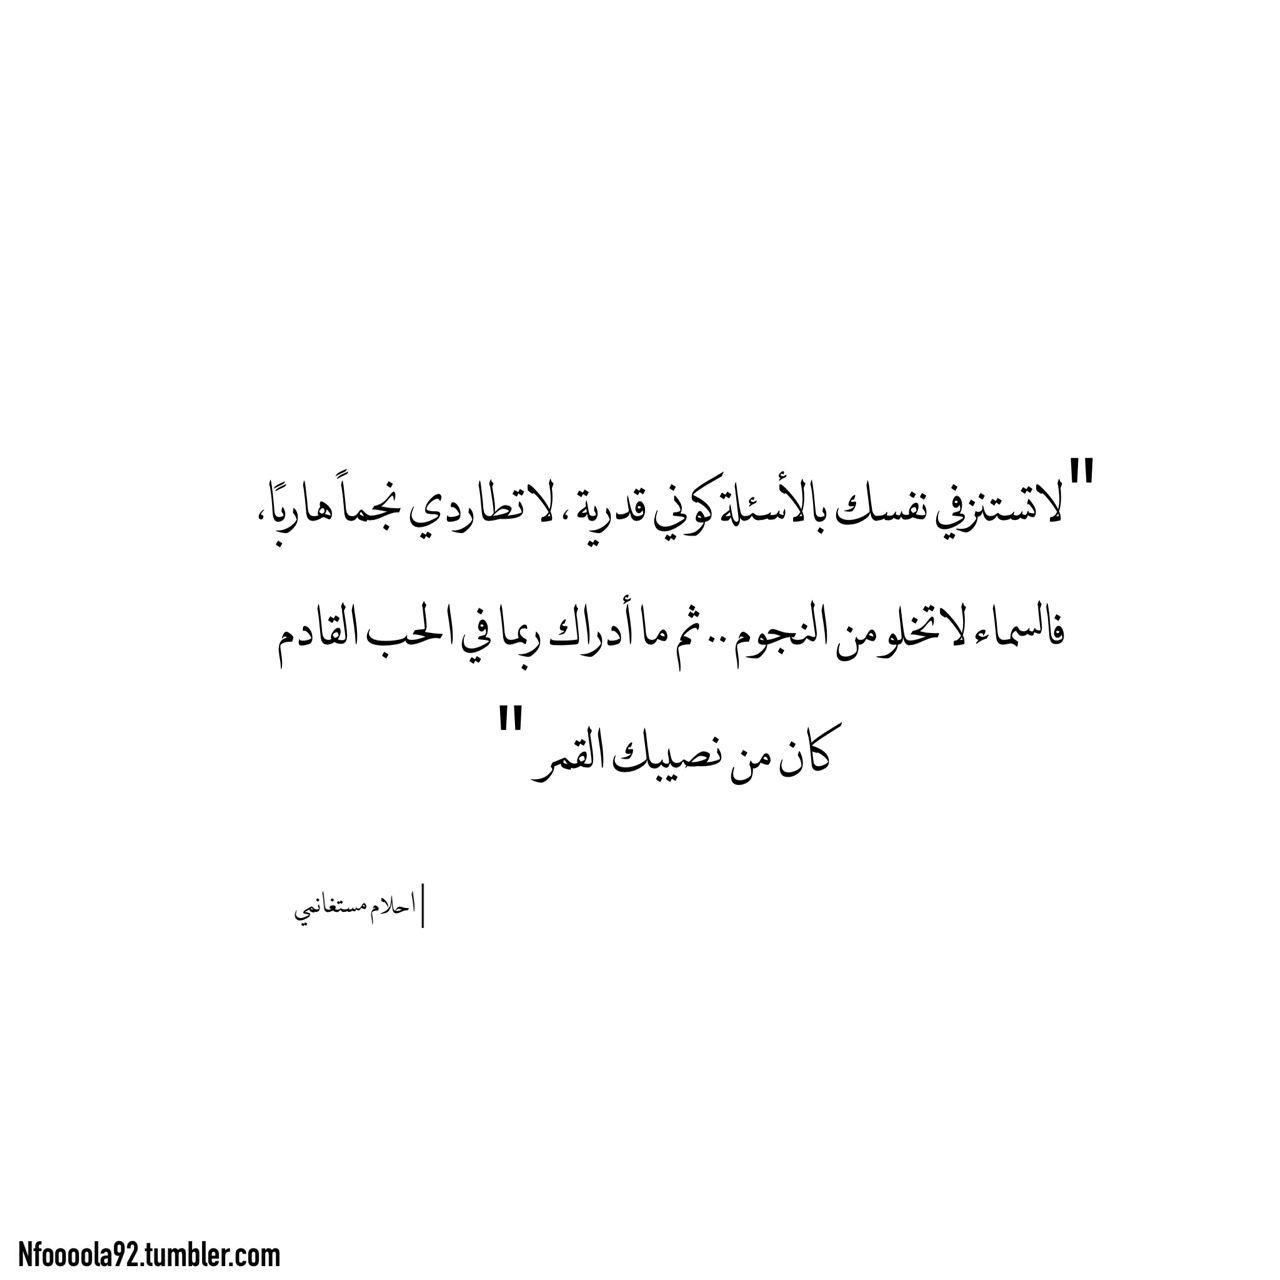 Nfoooola92 Quotes Me Quotes Arabic Quotes